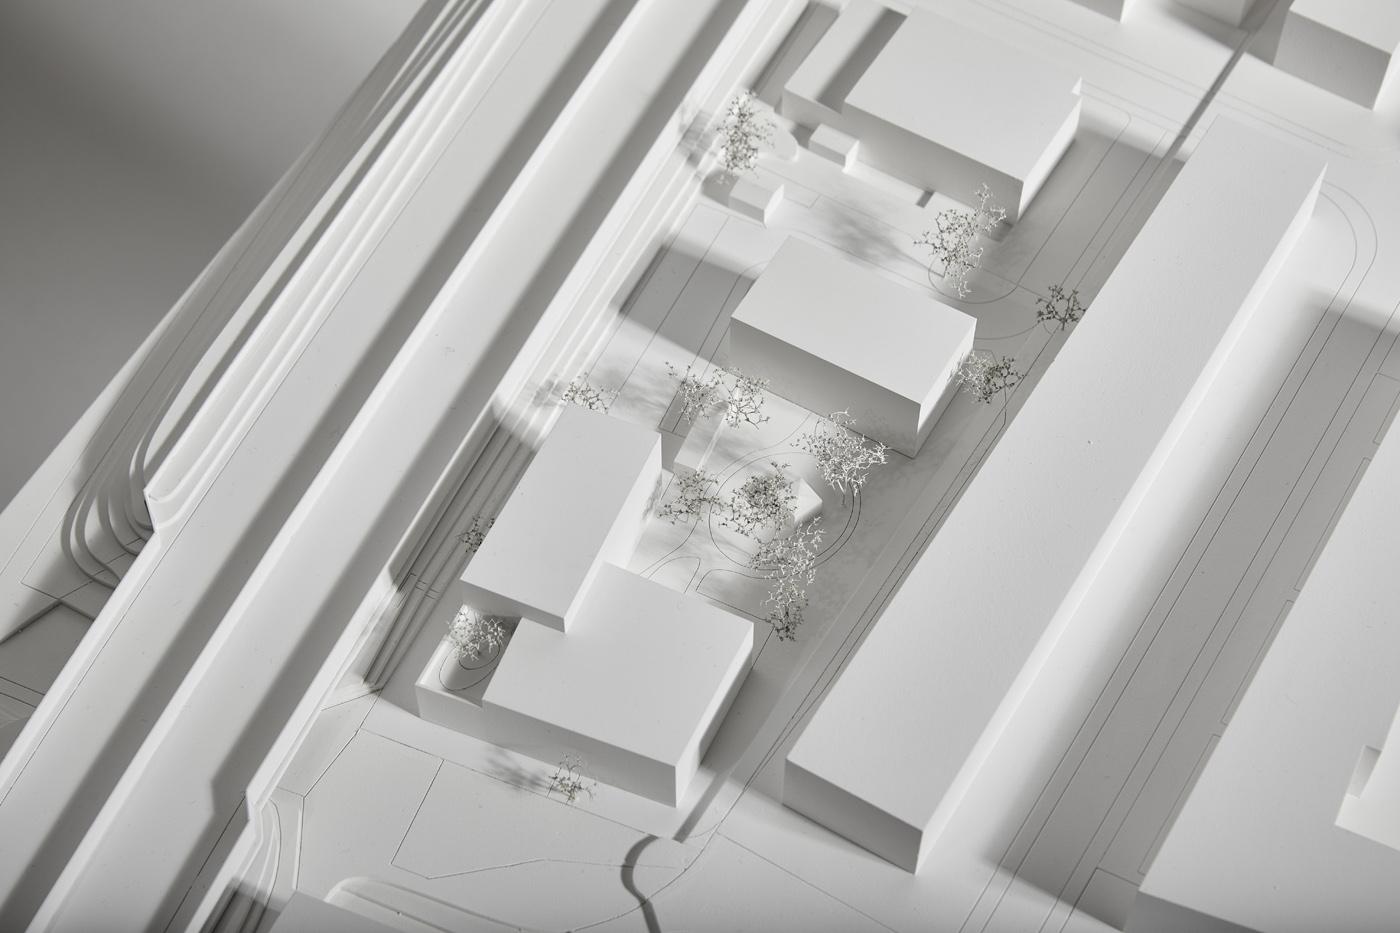 buan architekten – Studienauftrag Wohnheim Lindenfeld Emmen – Modellfoto 2